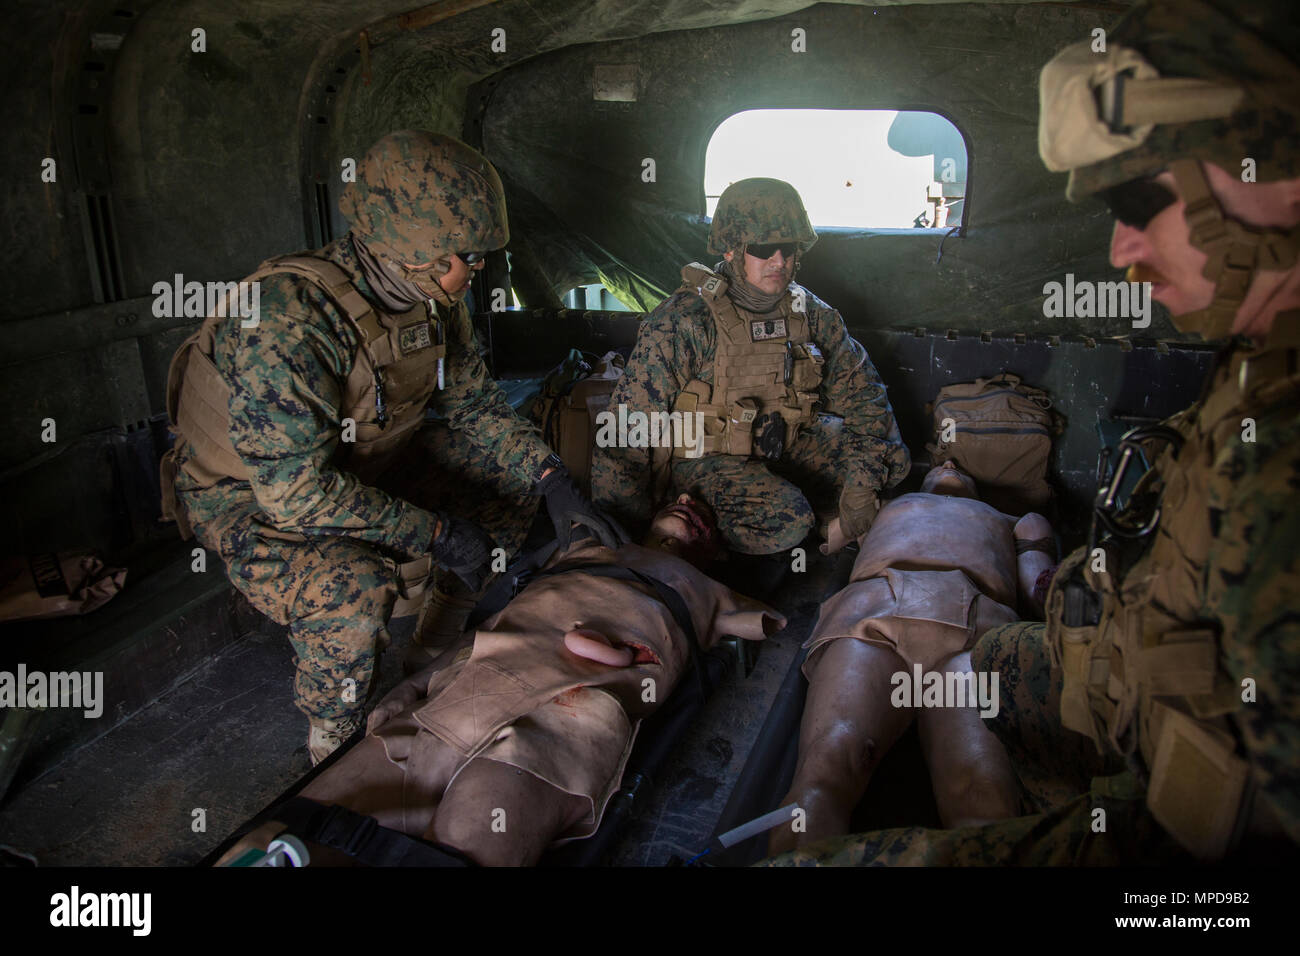 Fein Marine Corps Nummernschildrahmen Bilder - Benutzerdefinierte ...